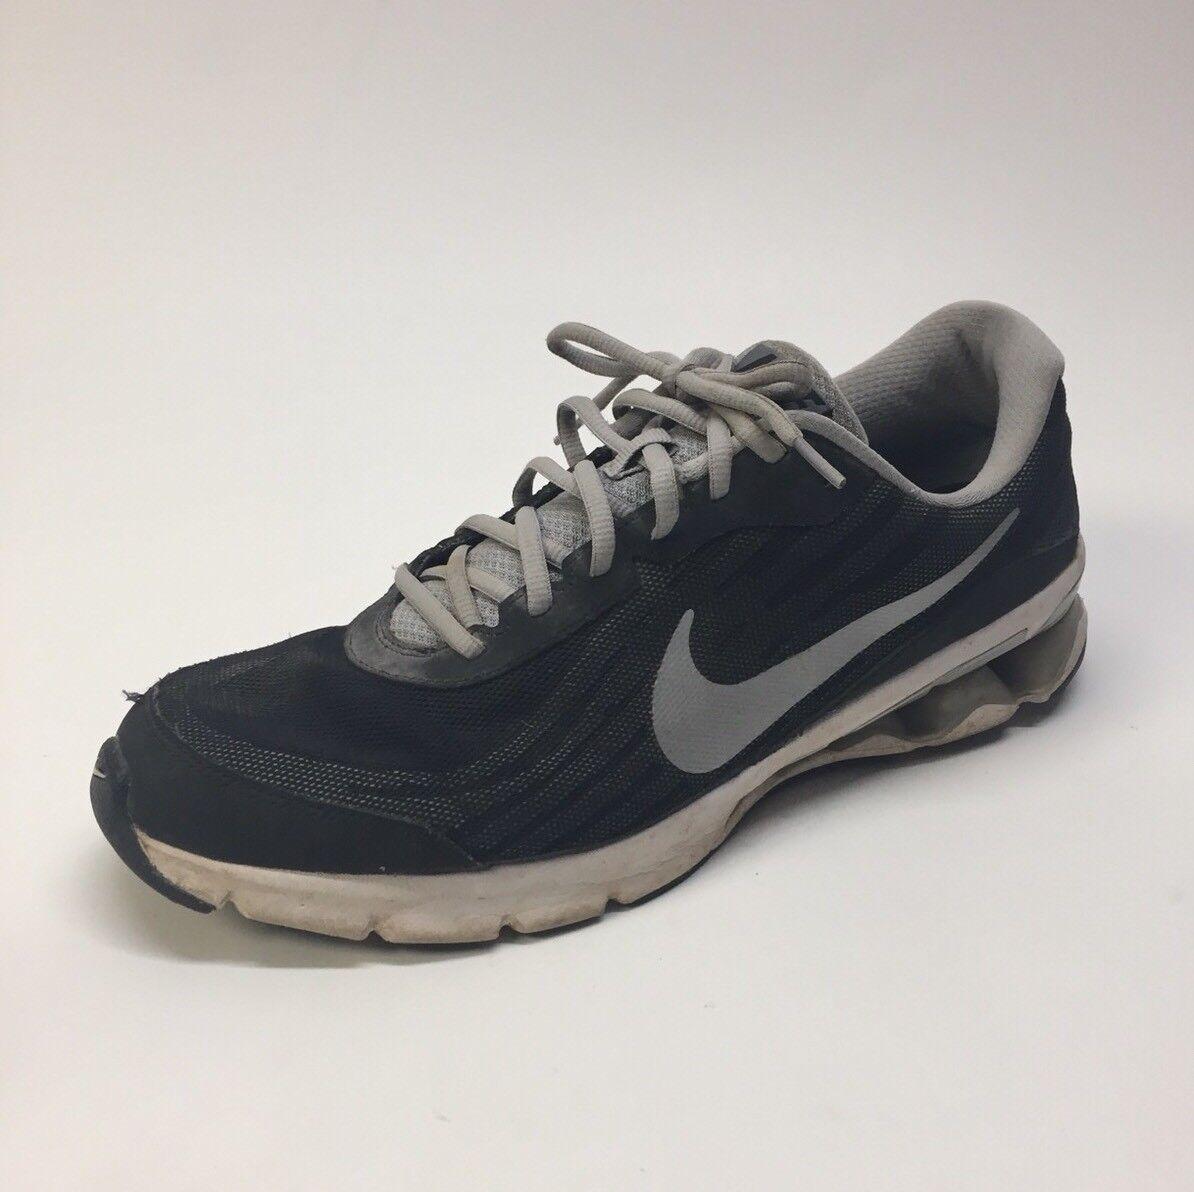 Nike hombre REAX RUN 653617-002 9 running zapatos 653617-002 RUN comodo e42059